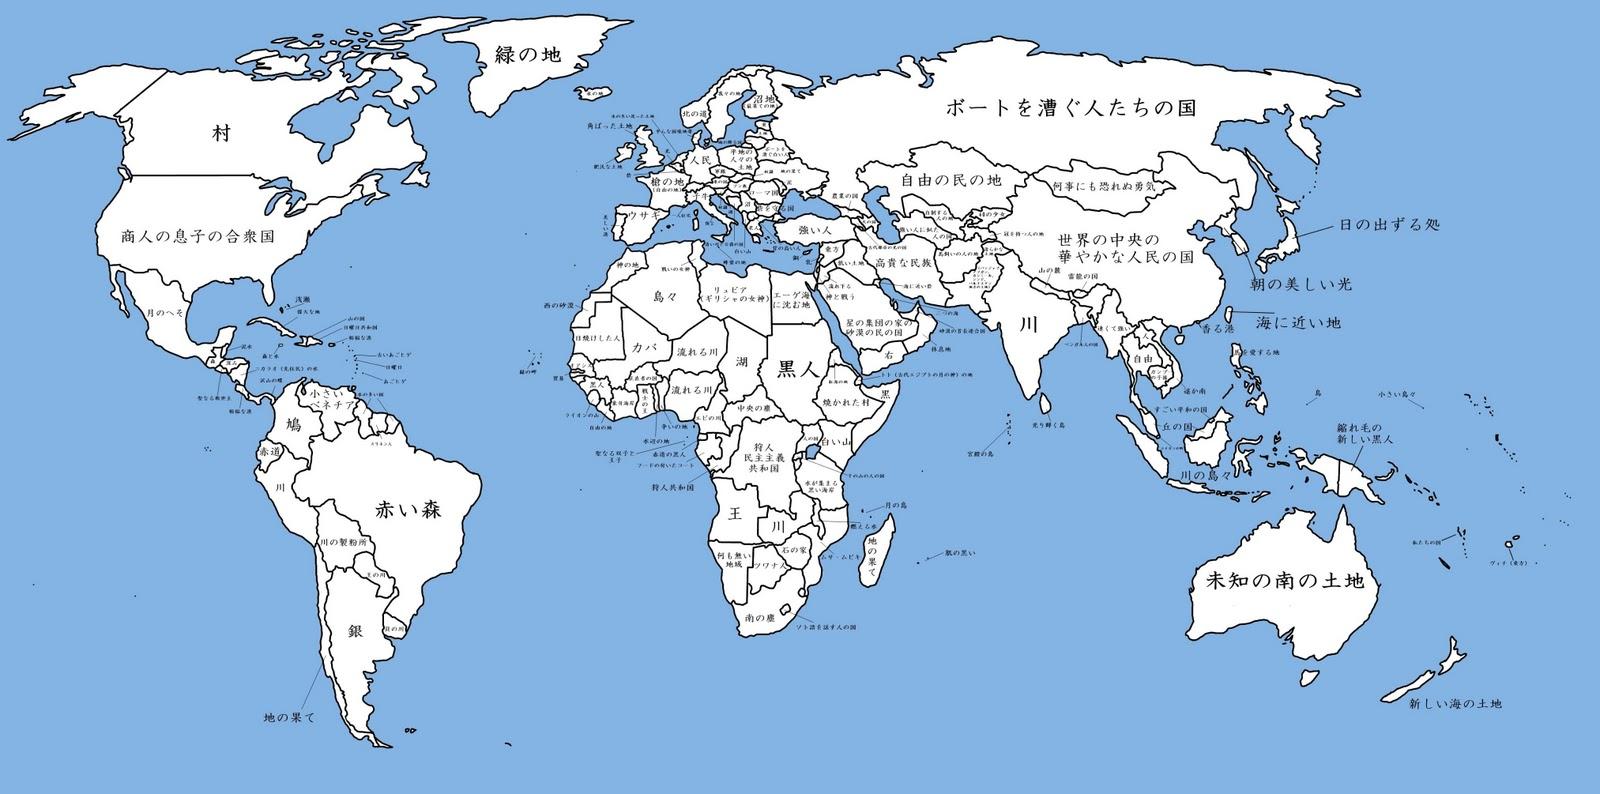 やロシアなど 世界の国々 ... : 世界の国々 首都 : すべての講義